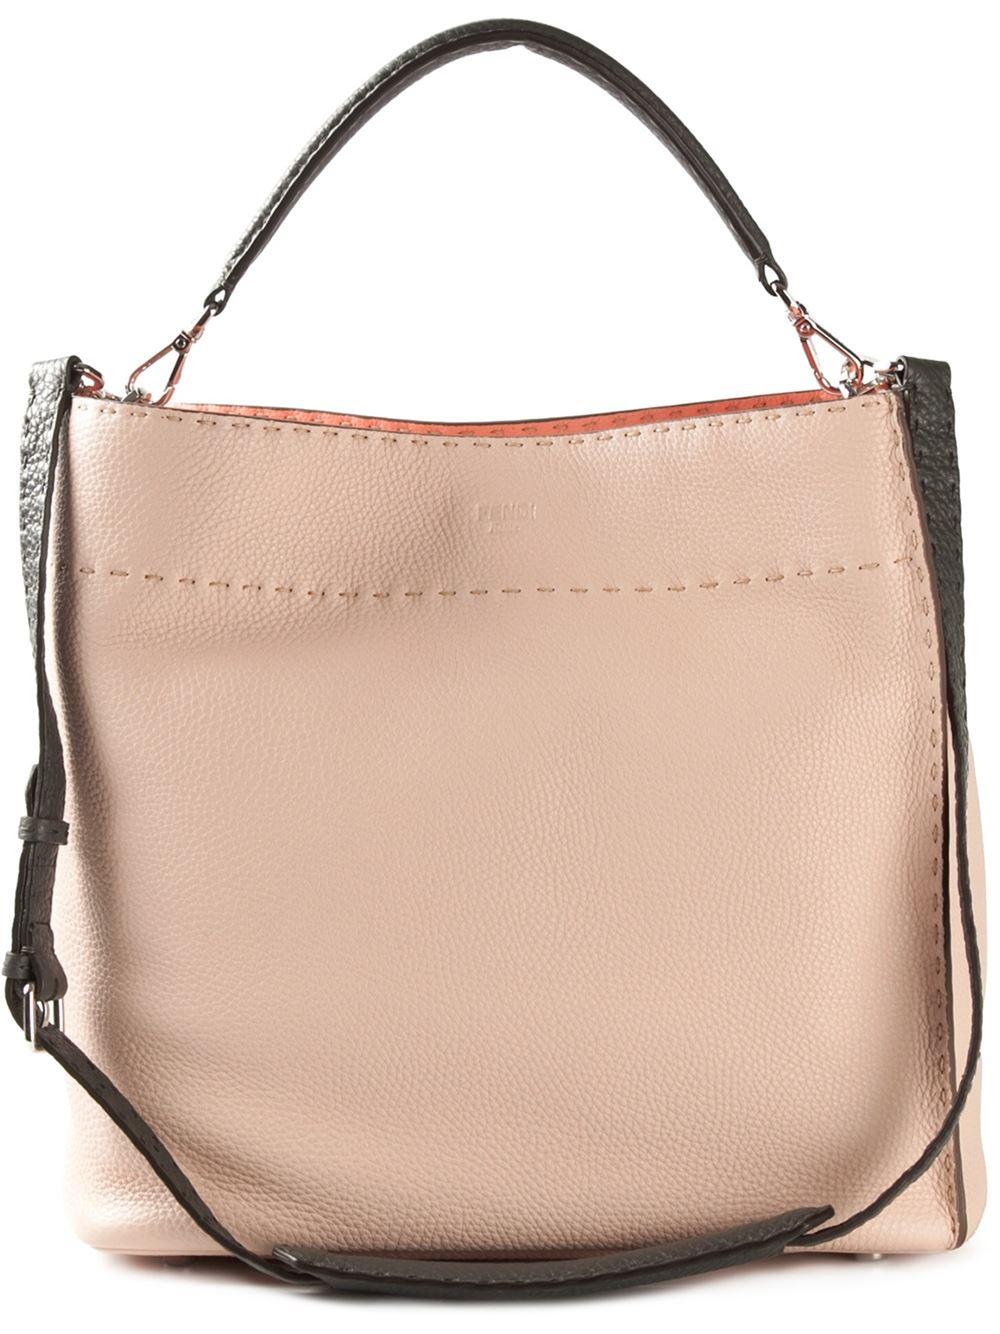 Messenger shoulder bag - Nude & Neutrals Fendi CQRPwvXbe